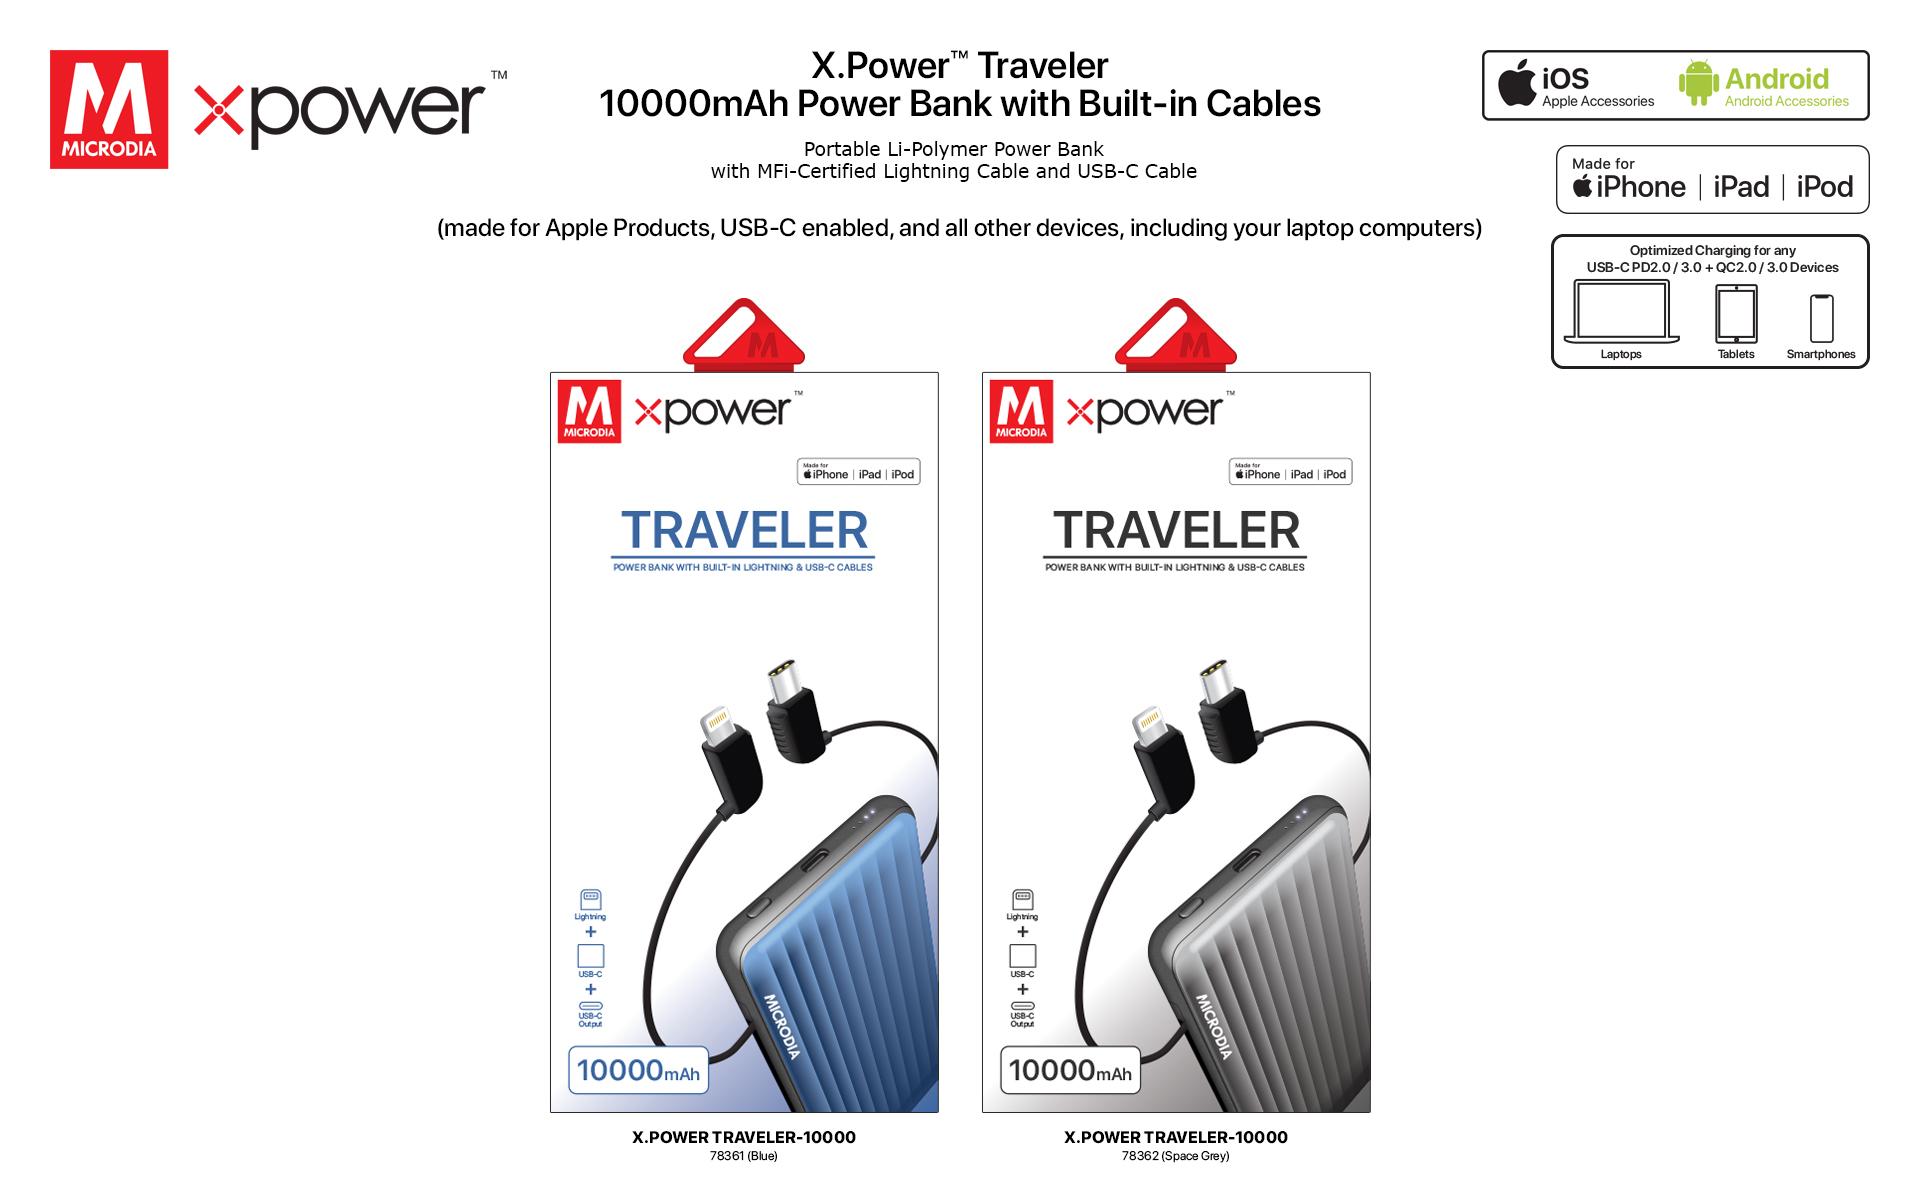 12.4 X.POWER Traveler